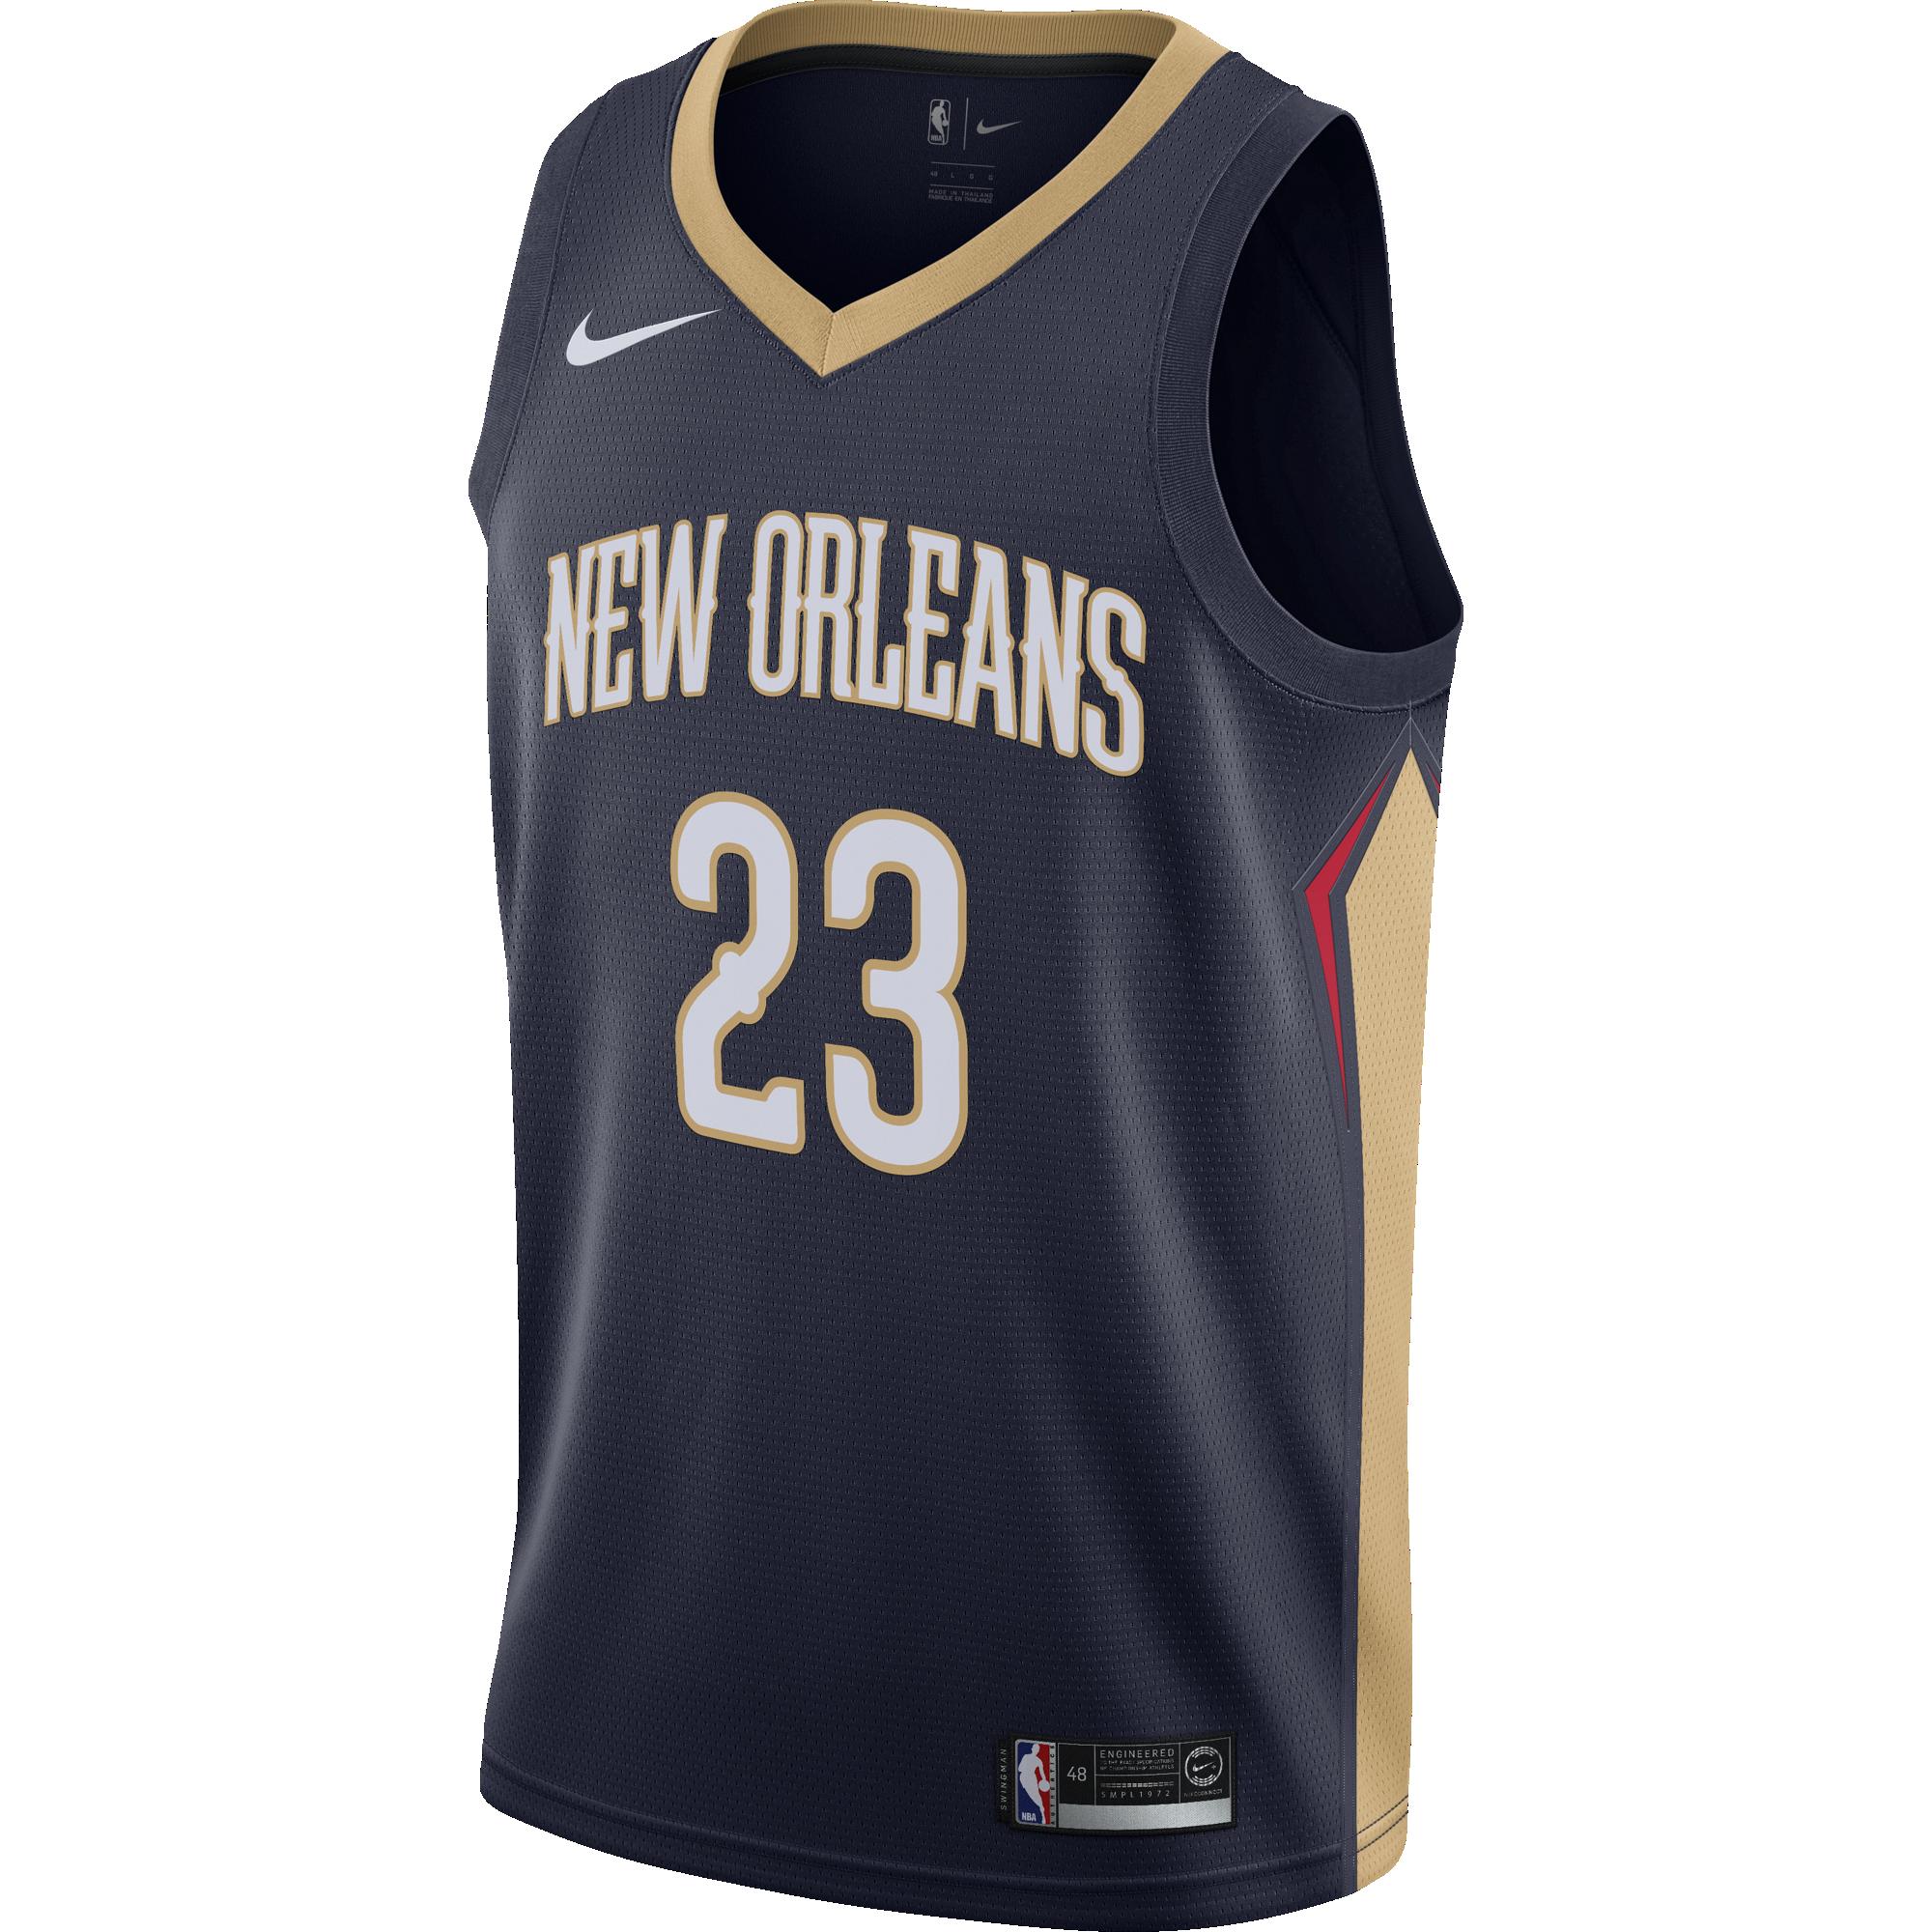 Nike Nba New Orlean Pelicans Anthony Davis Swingman Jersey